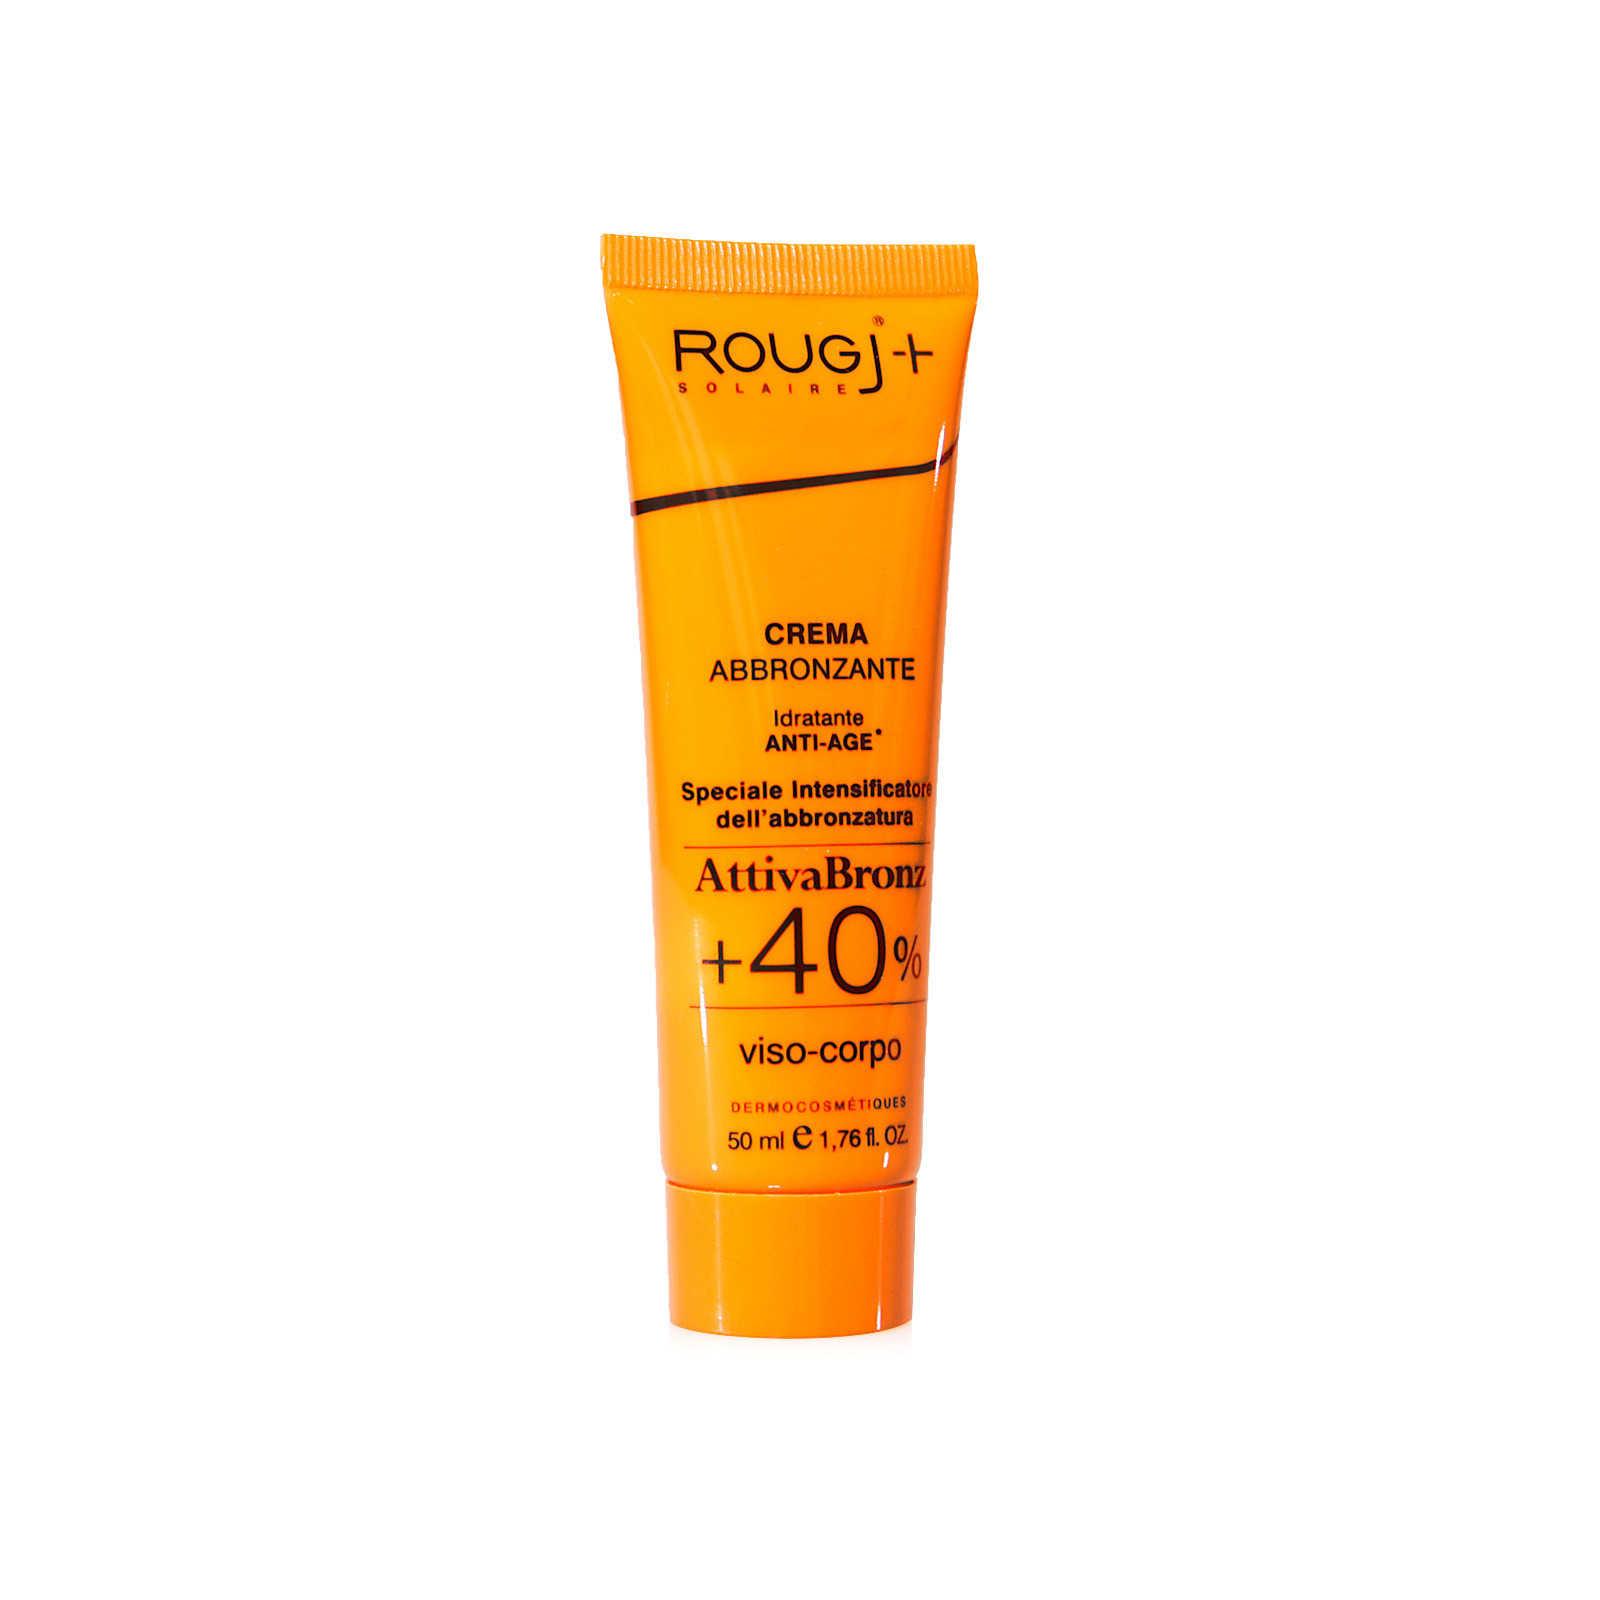 Rougj - Attiva Bronz +40% - Crema abbronzante 50ml